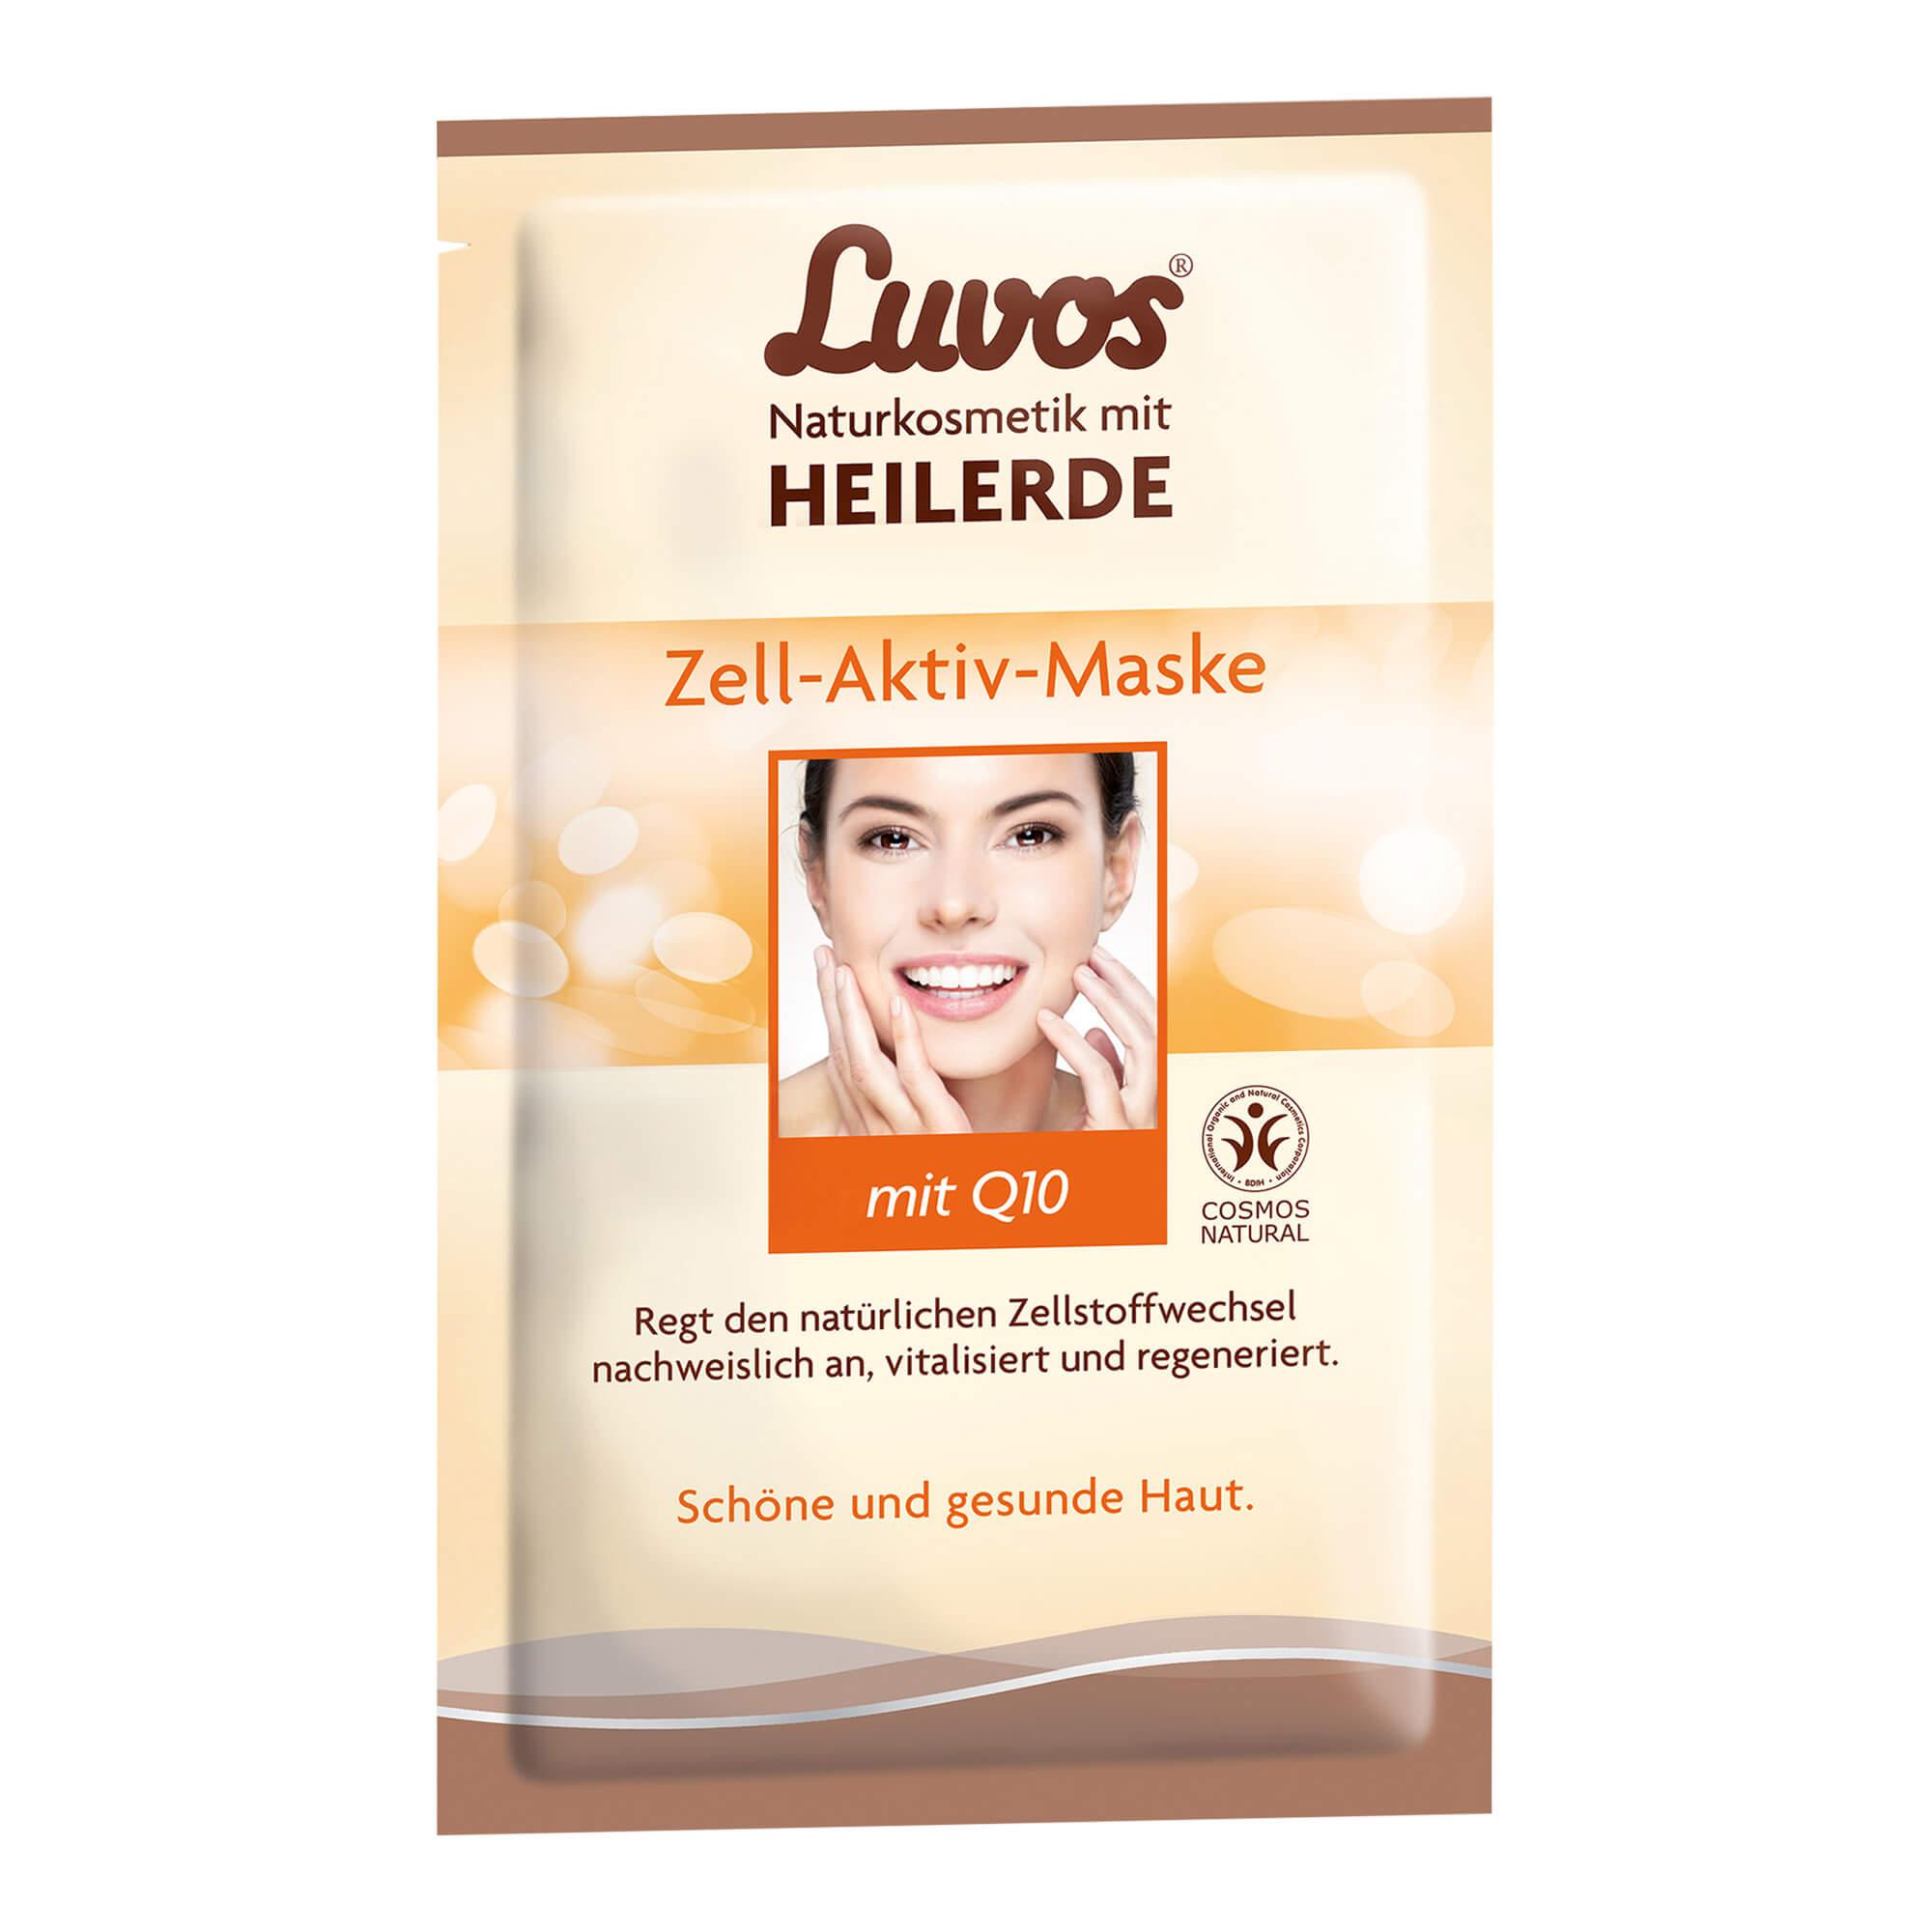 Luvos Heilerde Zell-Aktiv-Maske